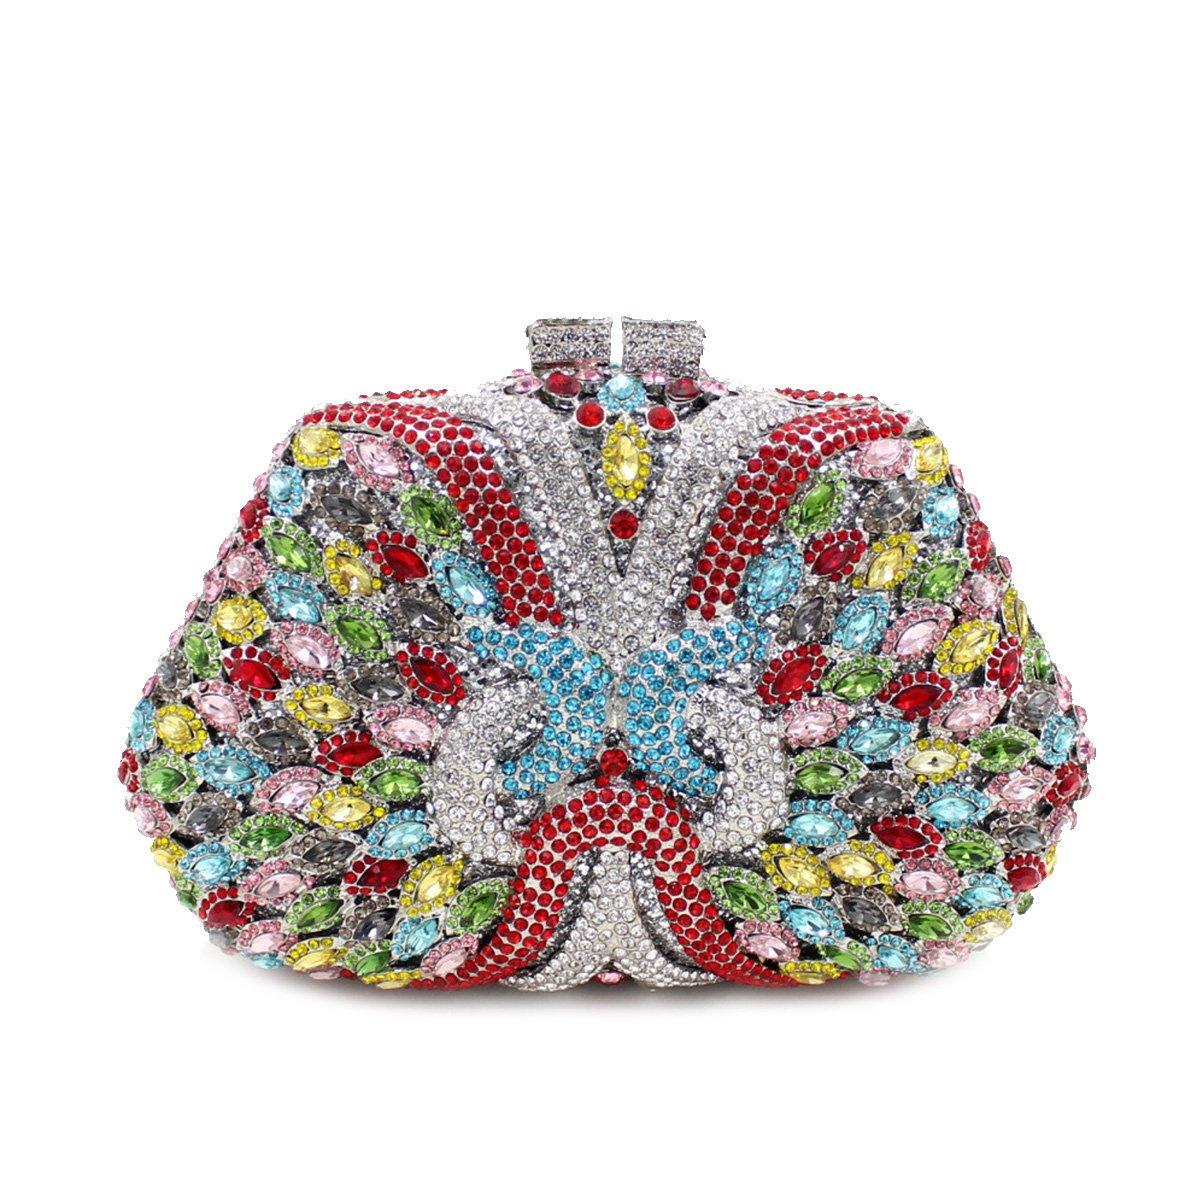 Flada Girl's and Ladies Luxury Handbag Evening Clutch Bag Rhinestones Clutch Purse for Prom Wedding #2